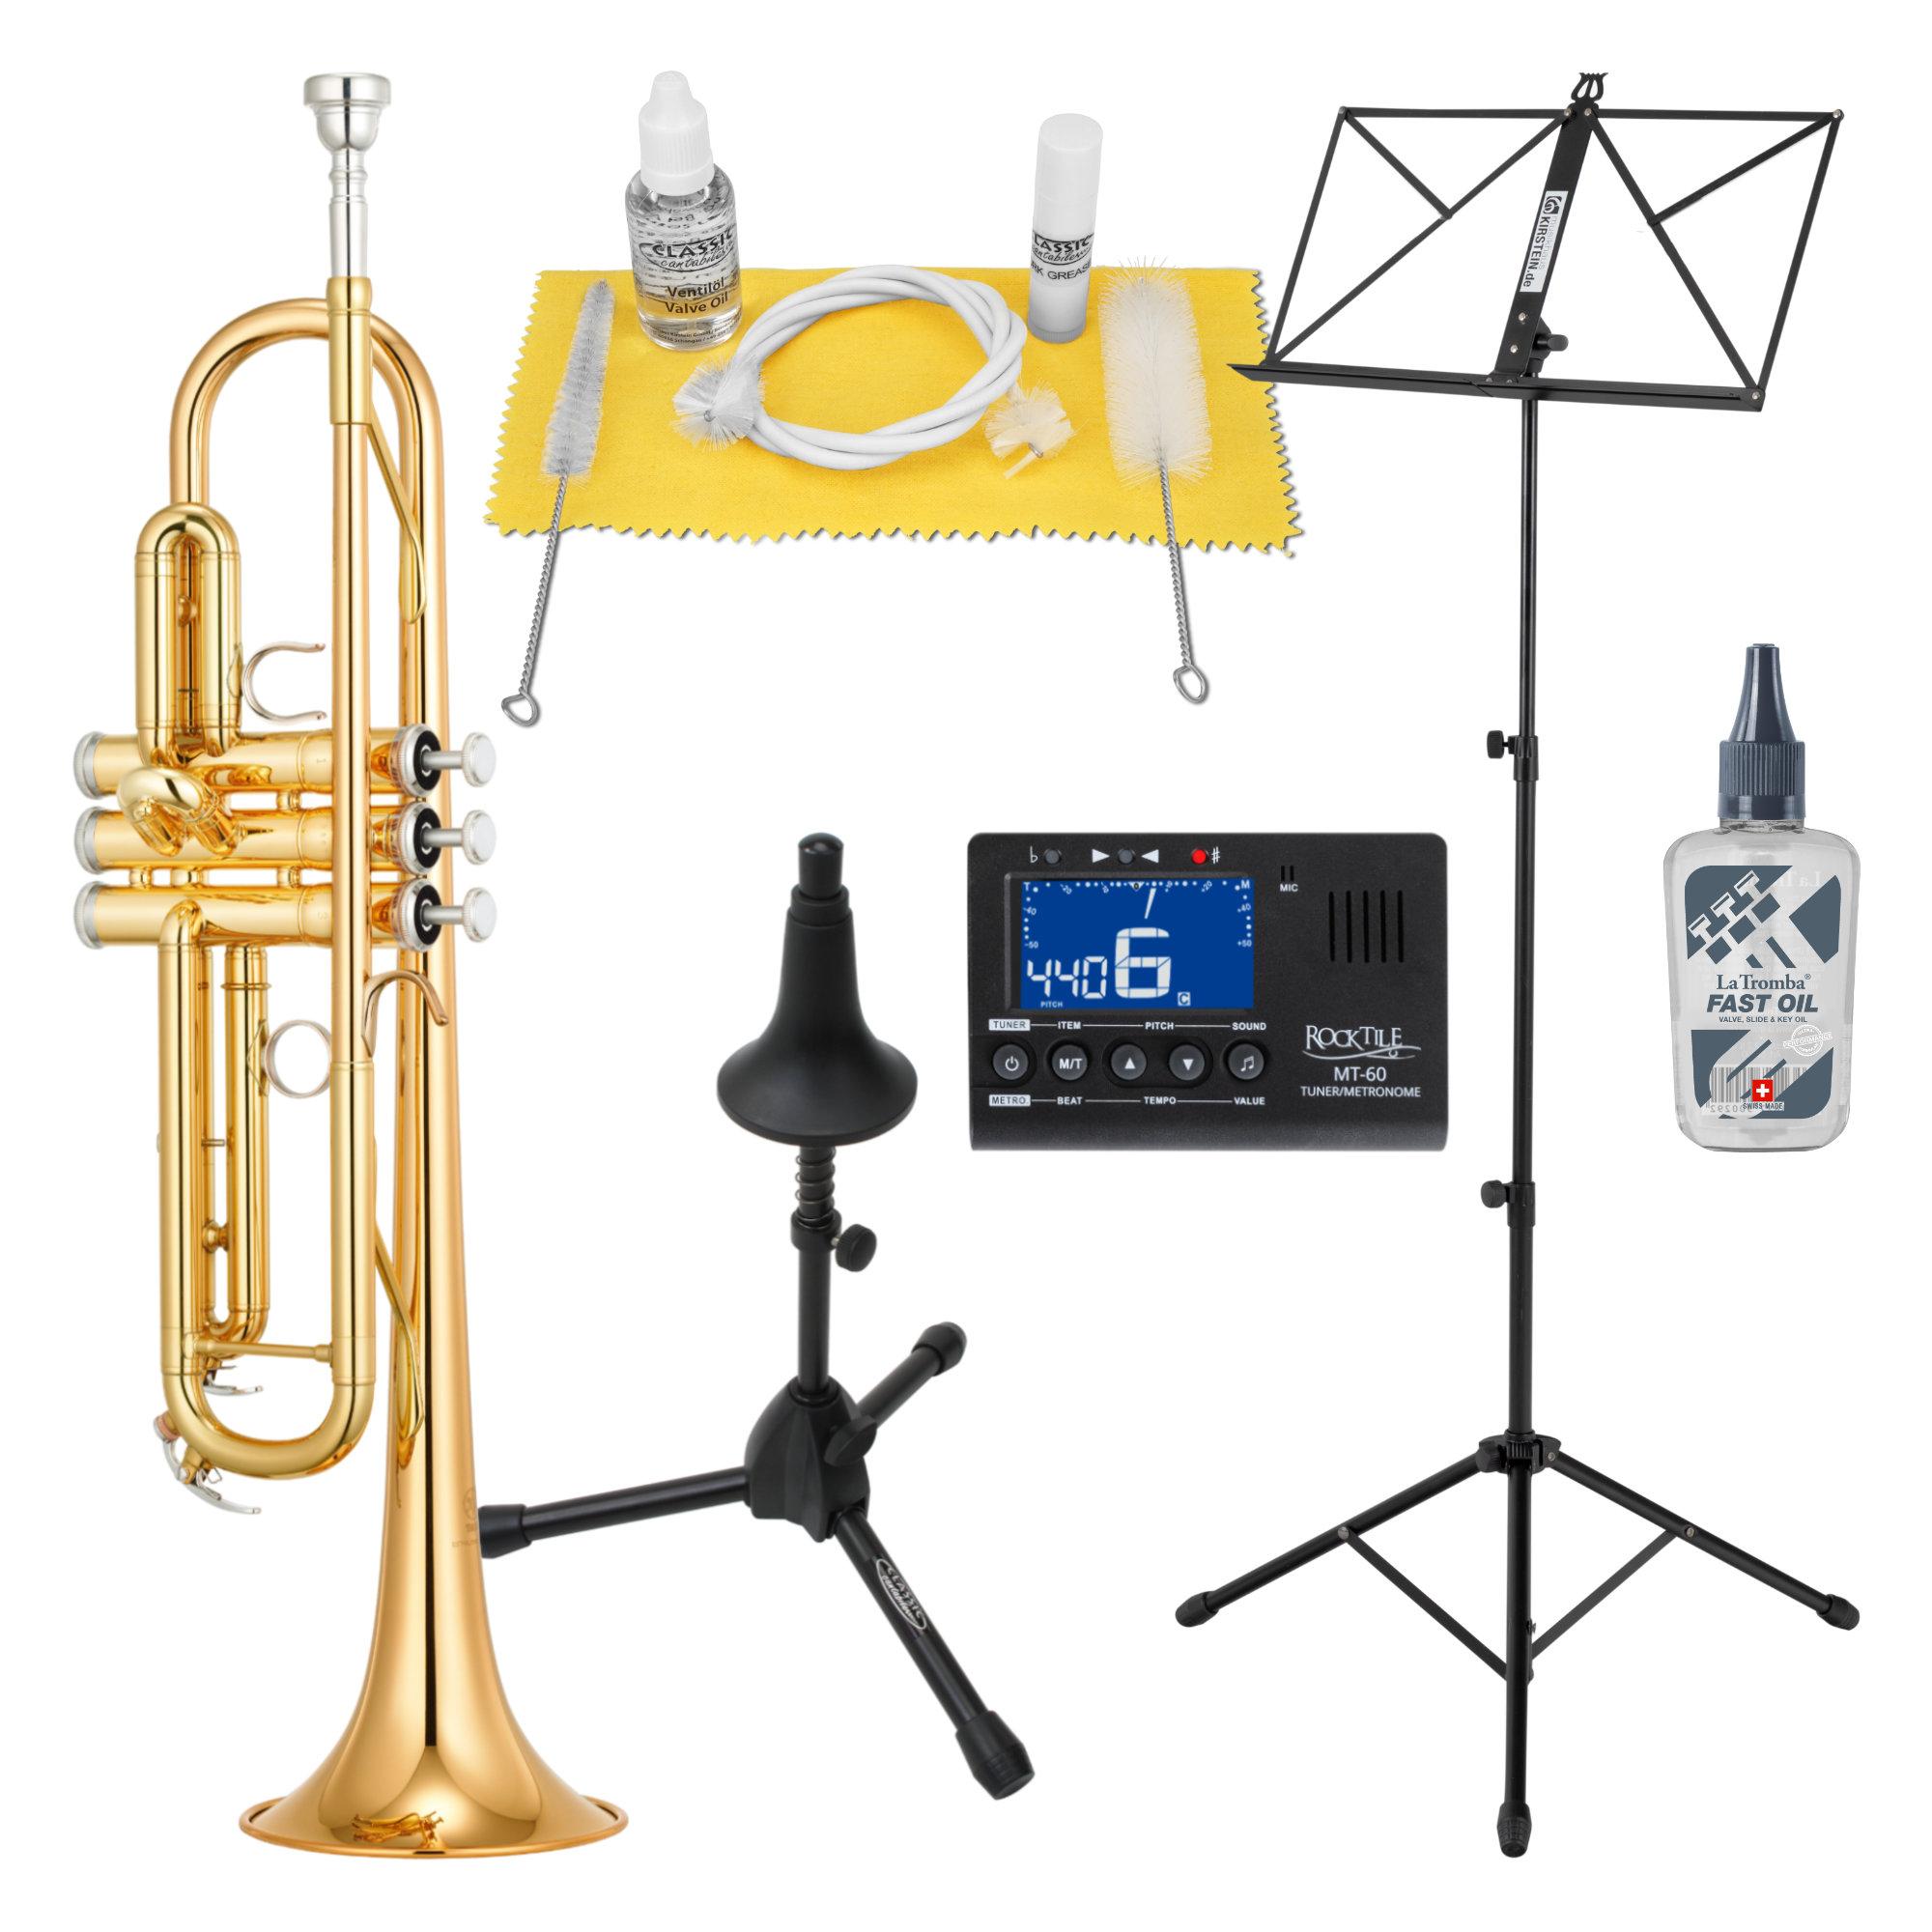 Trompeten - Yamaha YTR 4335 GII Bb Trompete SET inkl. Ständer Metronom Notenständer Reinigungsset - Onlineshop Musikhaus Kirstein